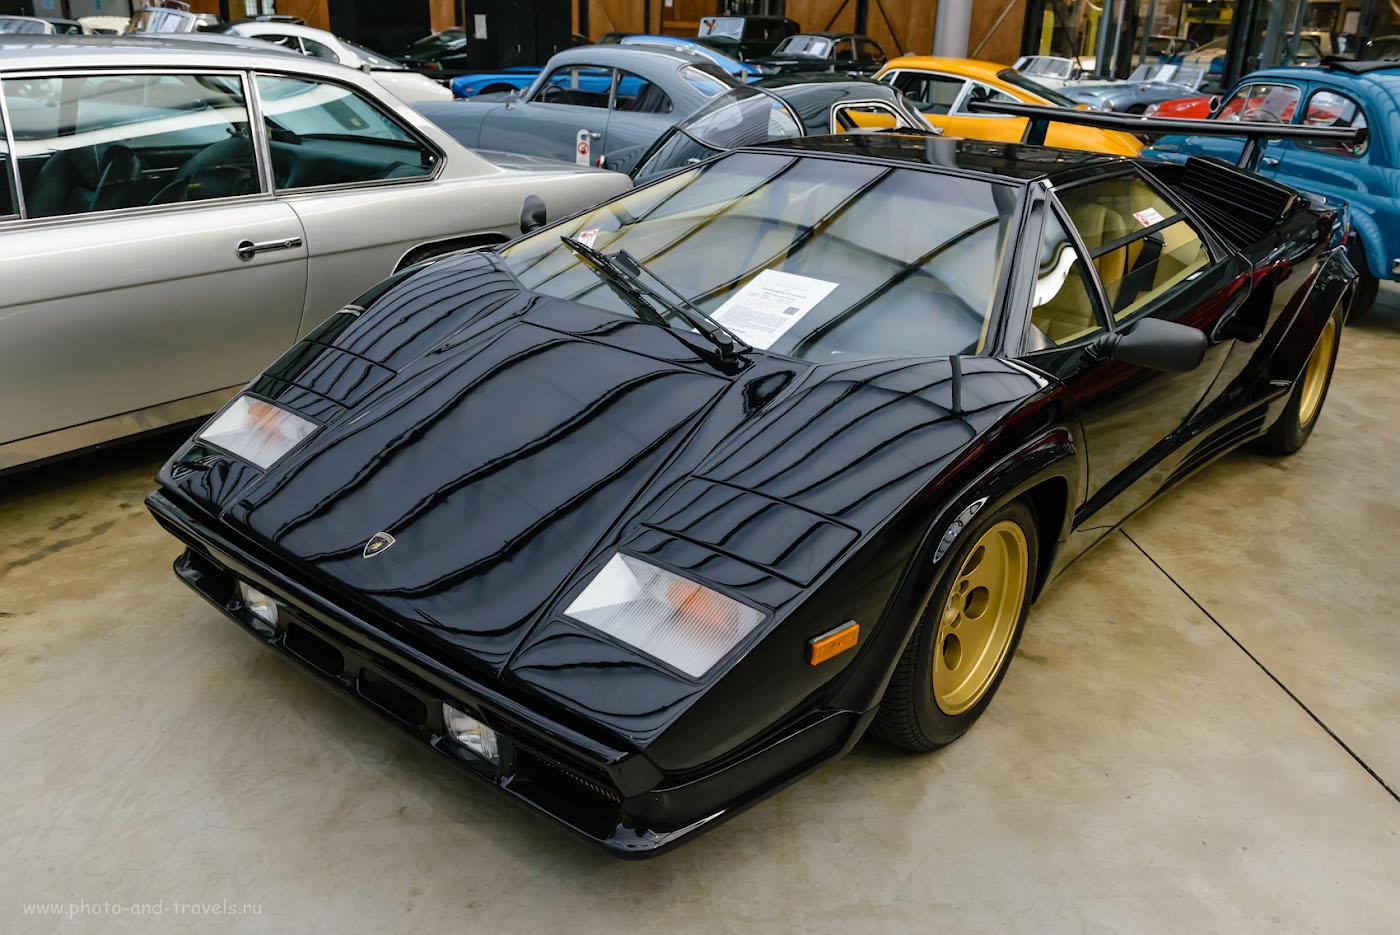 Фото 25. Поход в автомобильный музей со светосильной оптикой. Если бы я не доверился автоматике - мог спокойно понизить ИСО. 1/400, 5.6, 6400, 29.